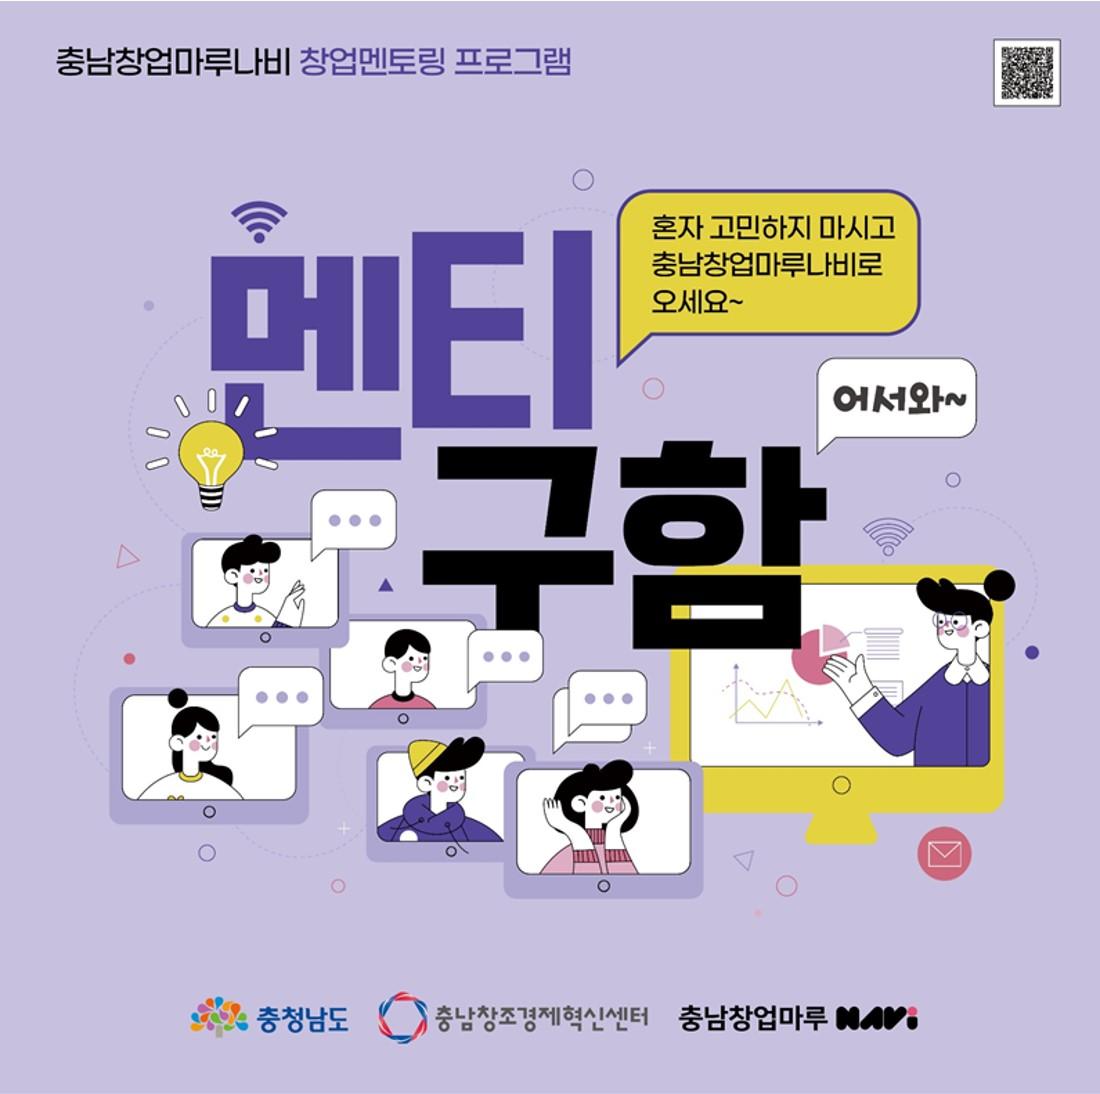 충남창업마루나비 멘토링 프로그램 멘티 모집